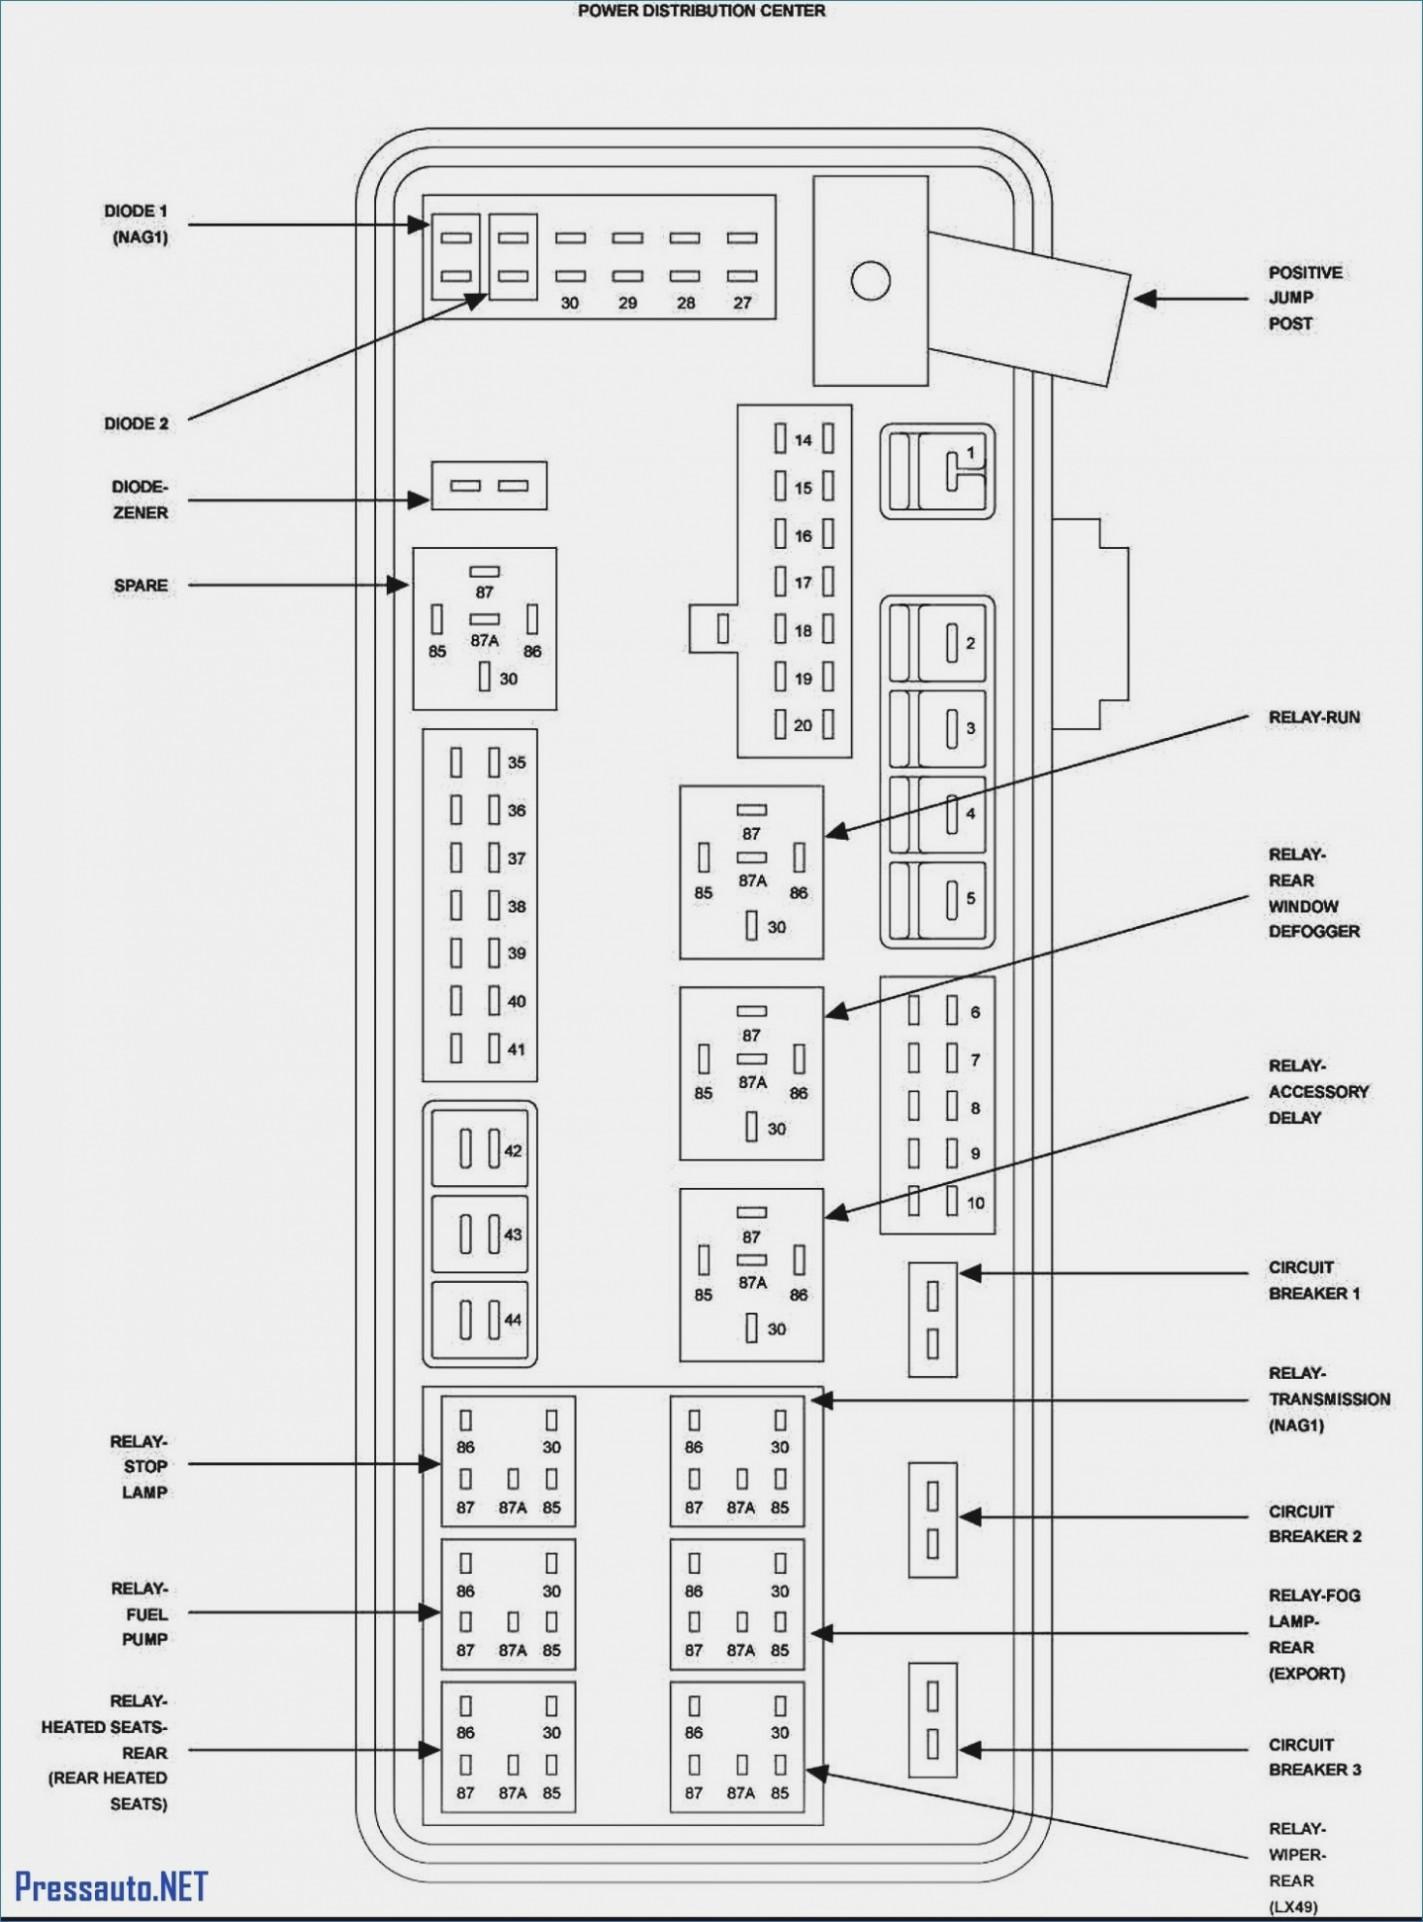 2010 Dodge Charger Engine Diagram 2010 Dodge Challenger Wiring Diagram Wiring Diagram Paper Of 2010 Dodge Charger Engine Diagram